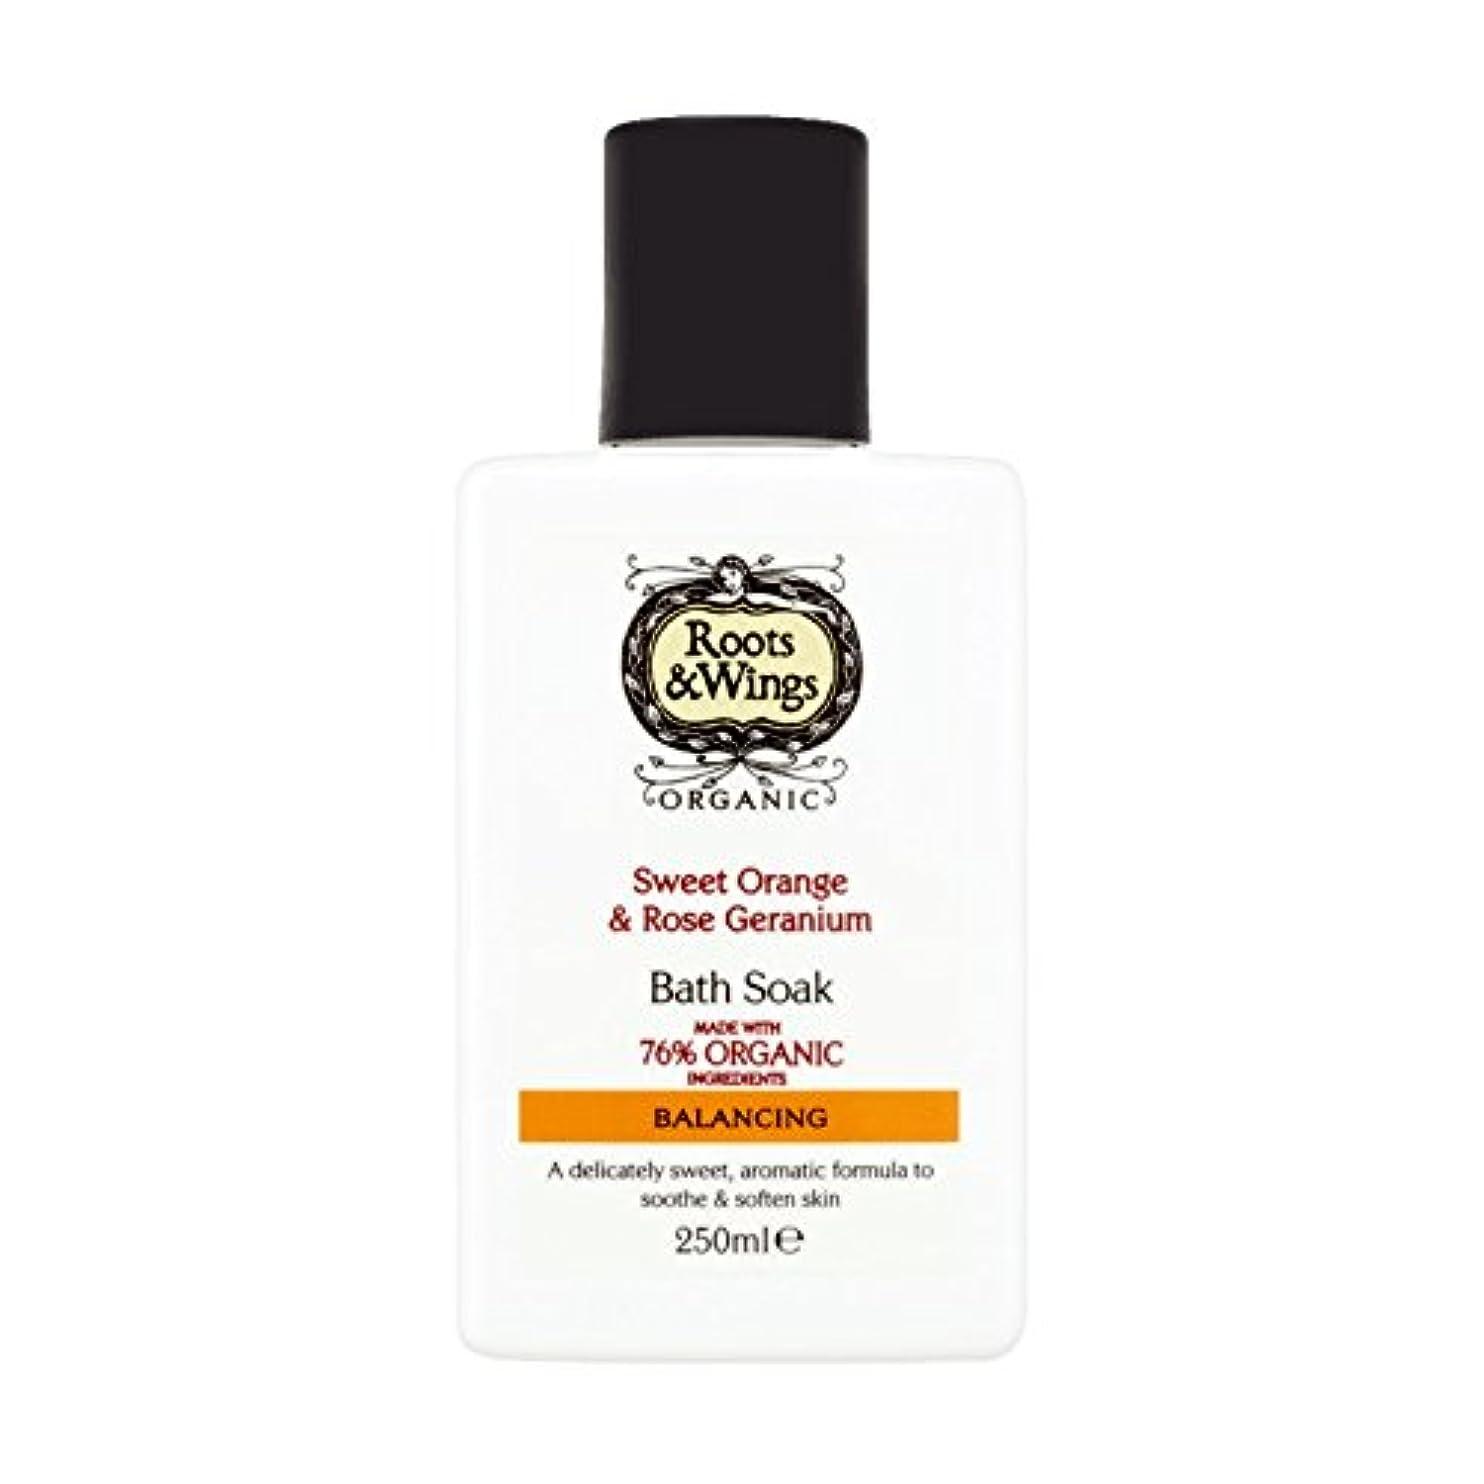 評価するエイズ噂Roots & Wings Bath Soak Sweet Orange & Rose Geranium 250ml (Pack of 2) - ルーツ&翼バス甘いオレンジを浸し&ゼラニウム250ミリリットルをバラ (x2...